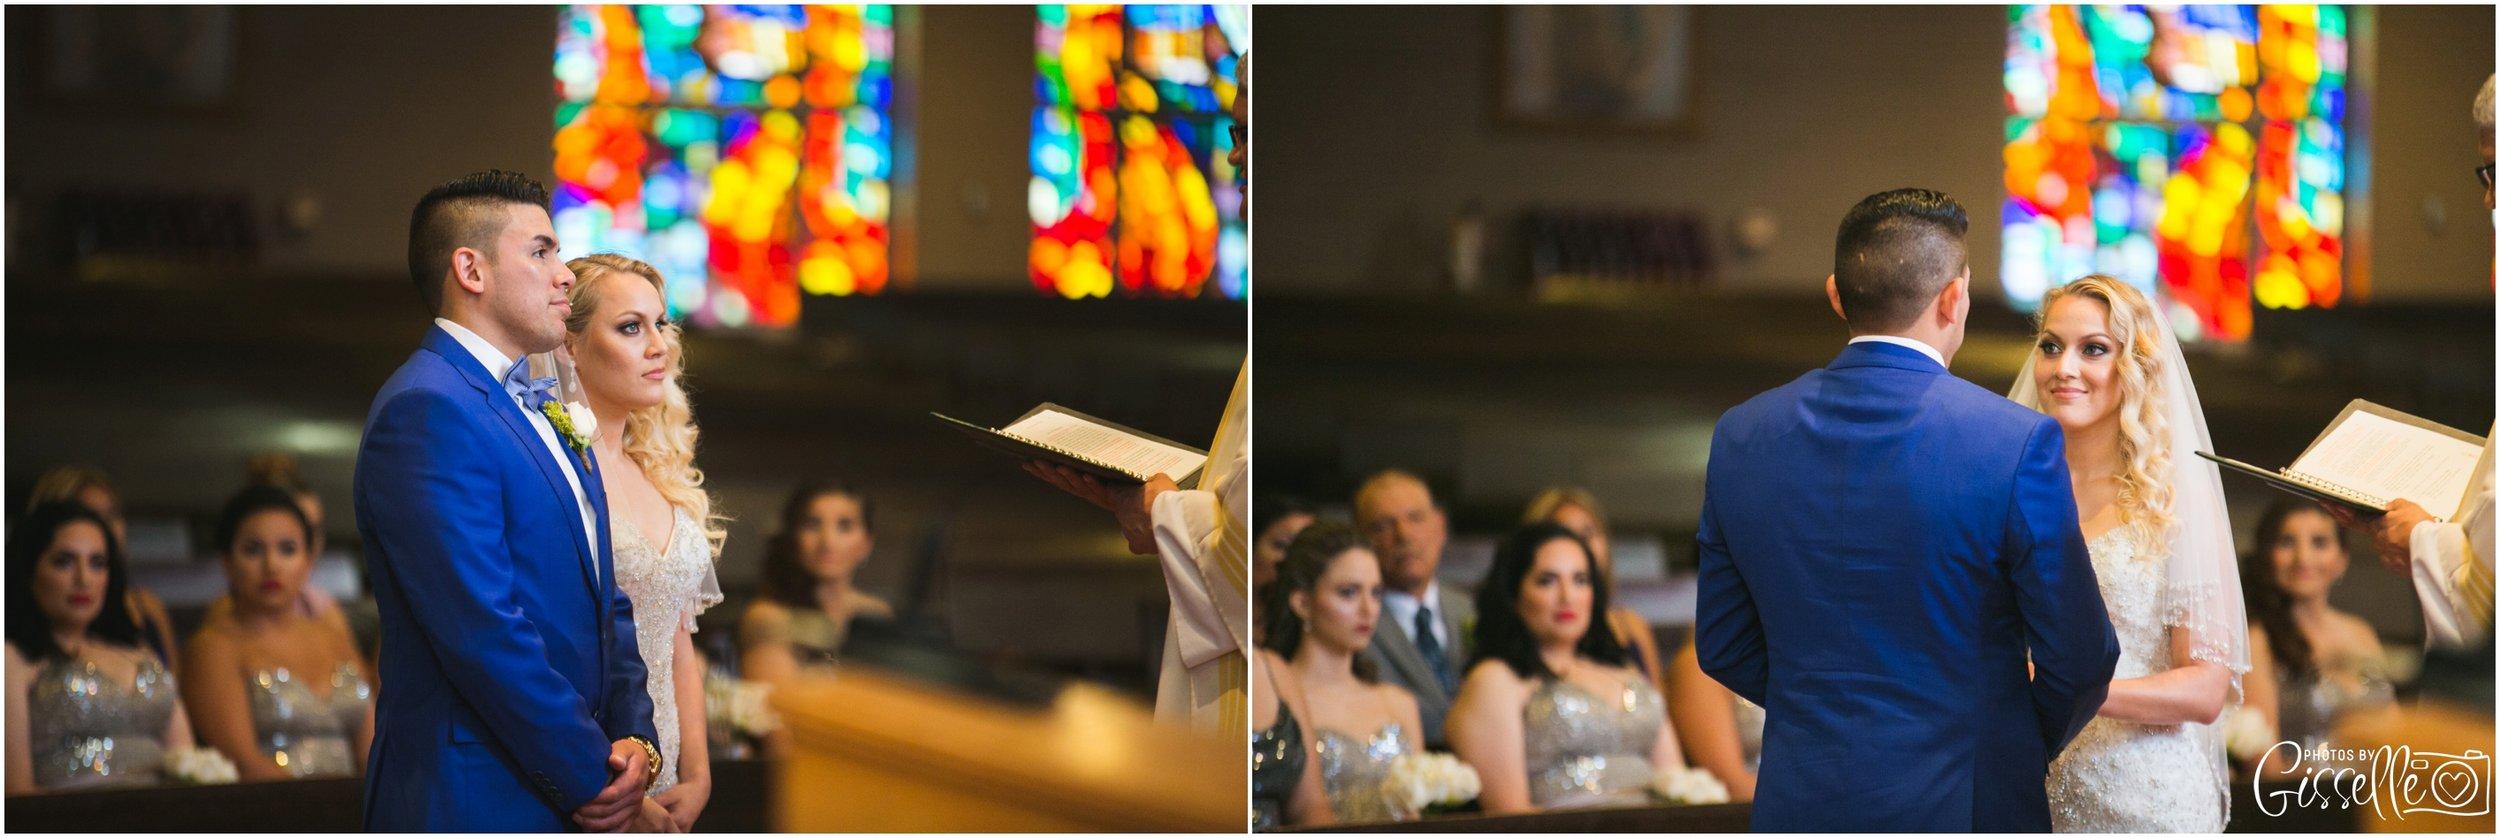 Astoria Banquets Wedding002.jpg